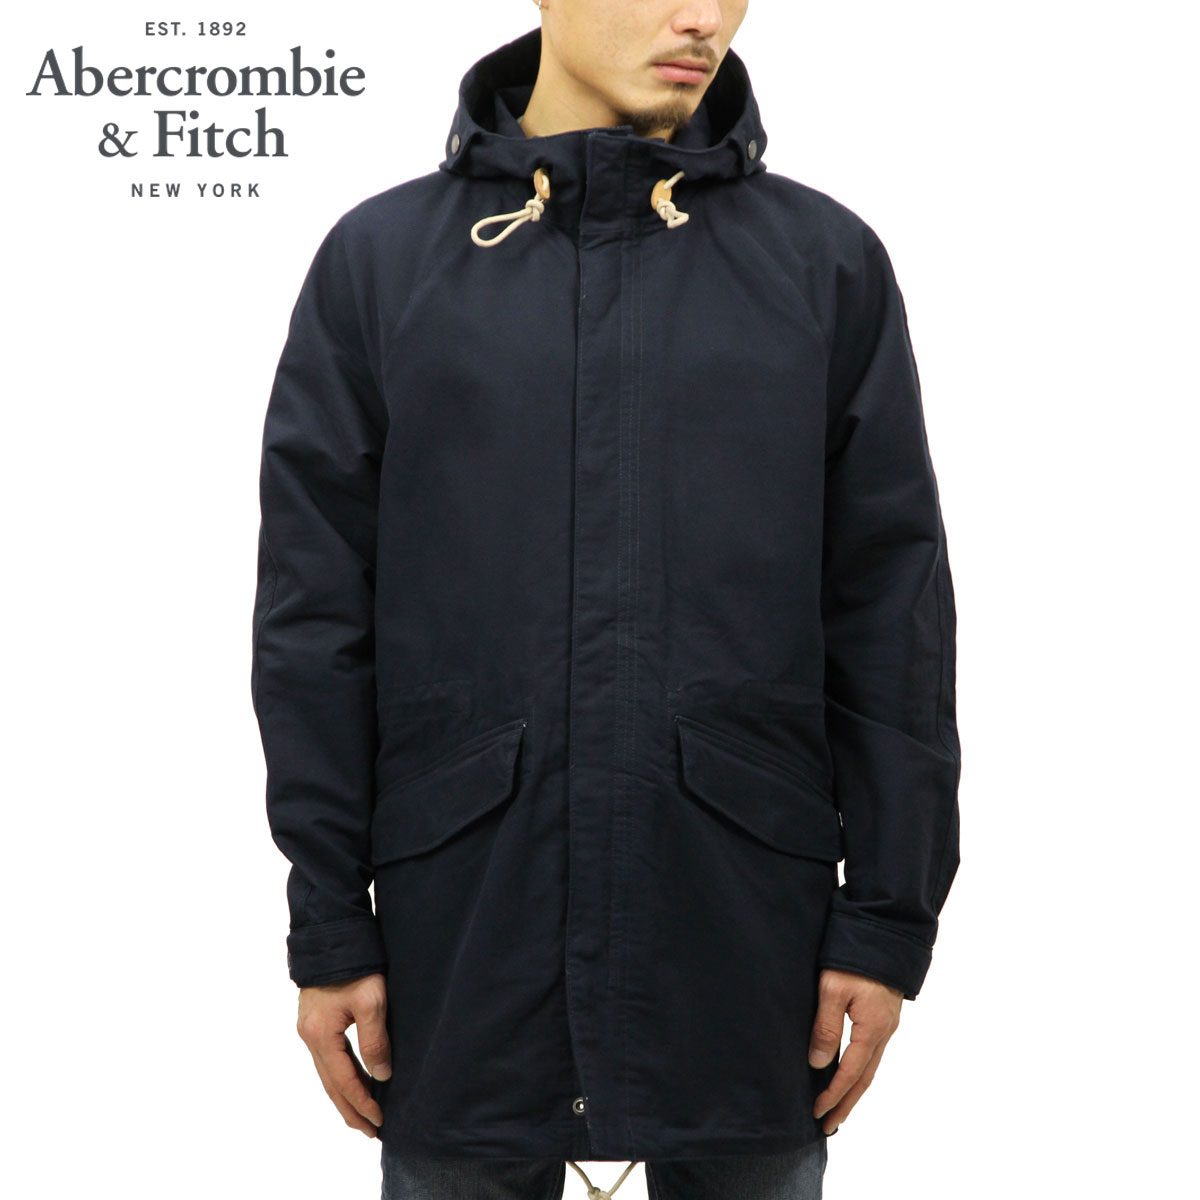 アバクロ Abercrombie&Fitch 正規品 メンズ モッズコート LIGHTWEIGHT PARKA 132-328-1250-200